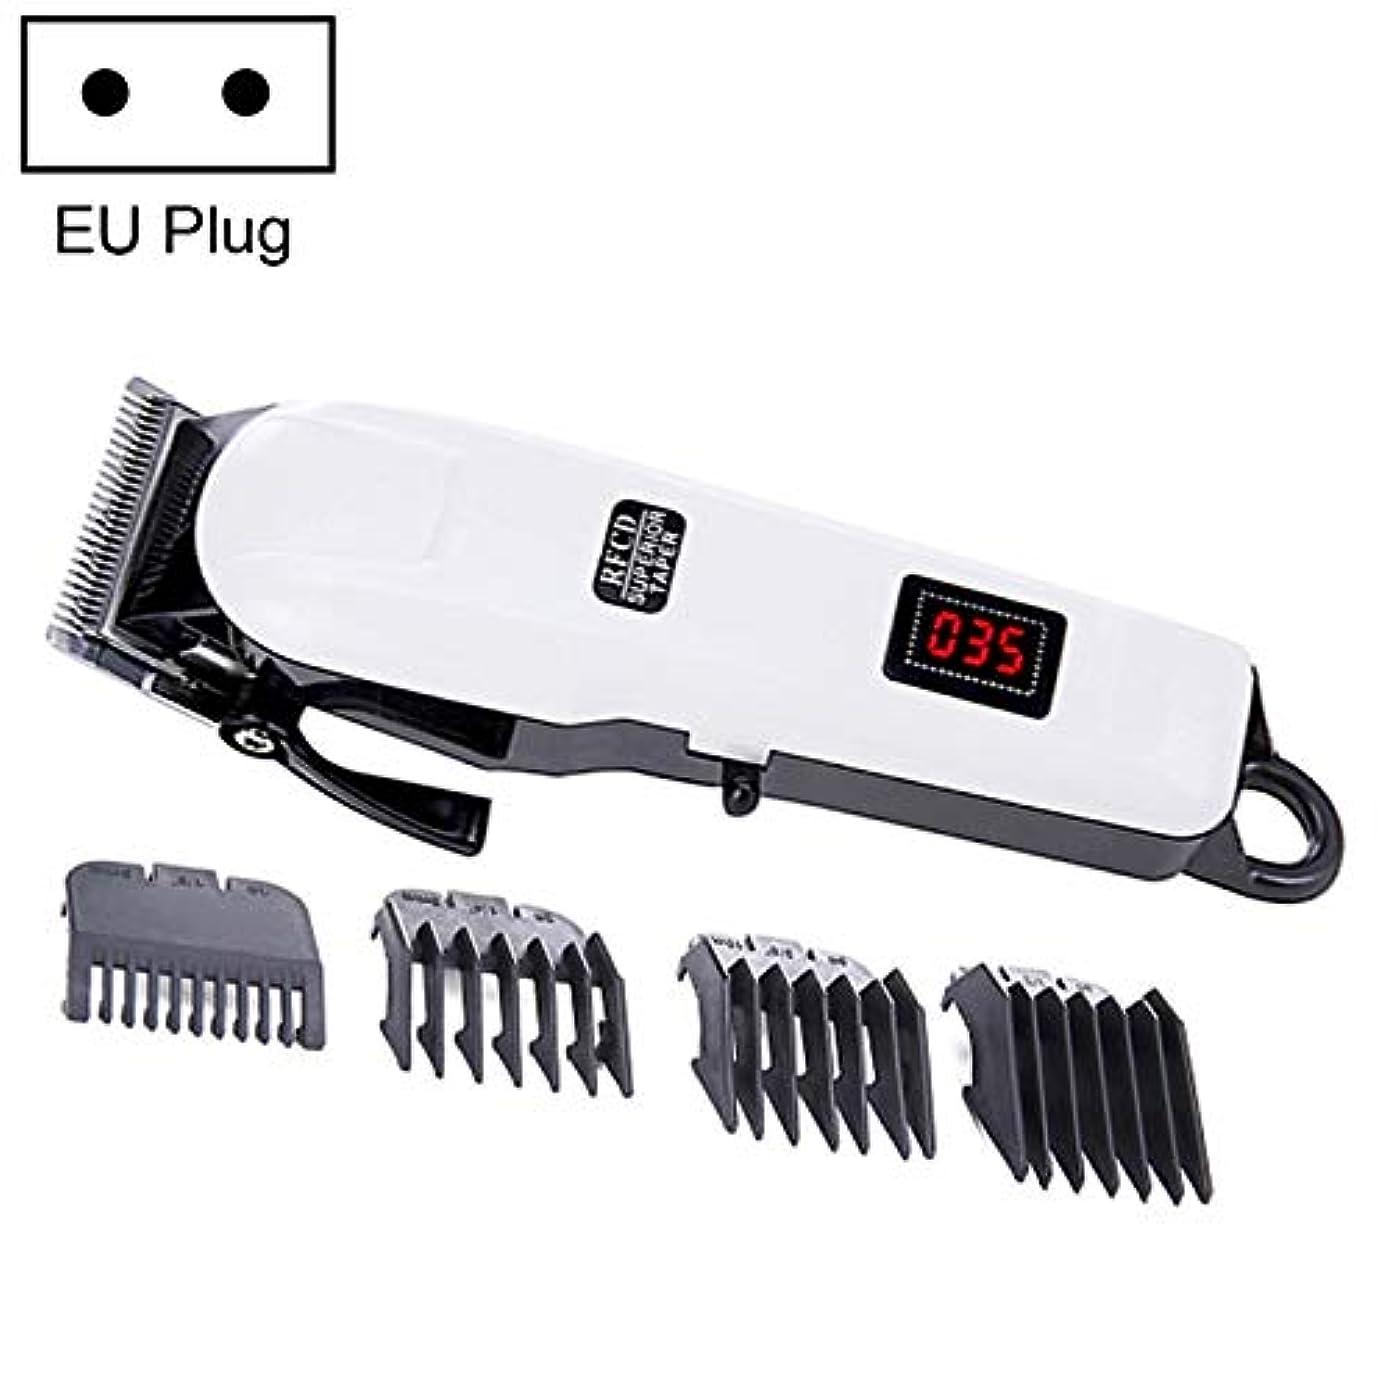 WTYD 美容ヘアツール 精密スチールカッティングヘッド液晶充電ワイヤレス電動ヘアクリッパー、EUプラグ